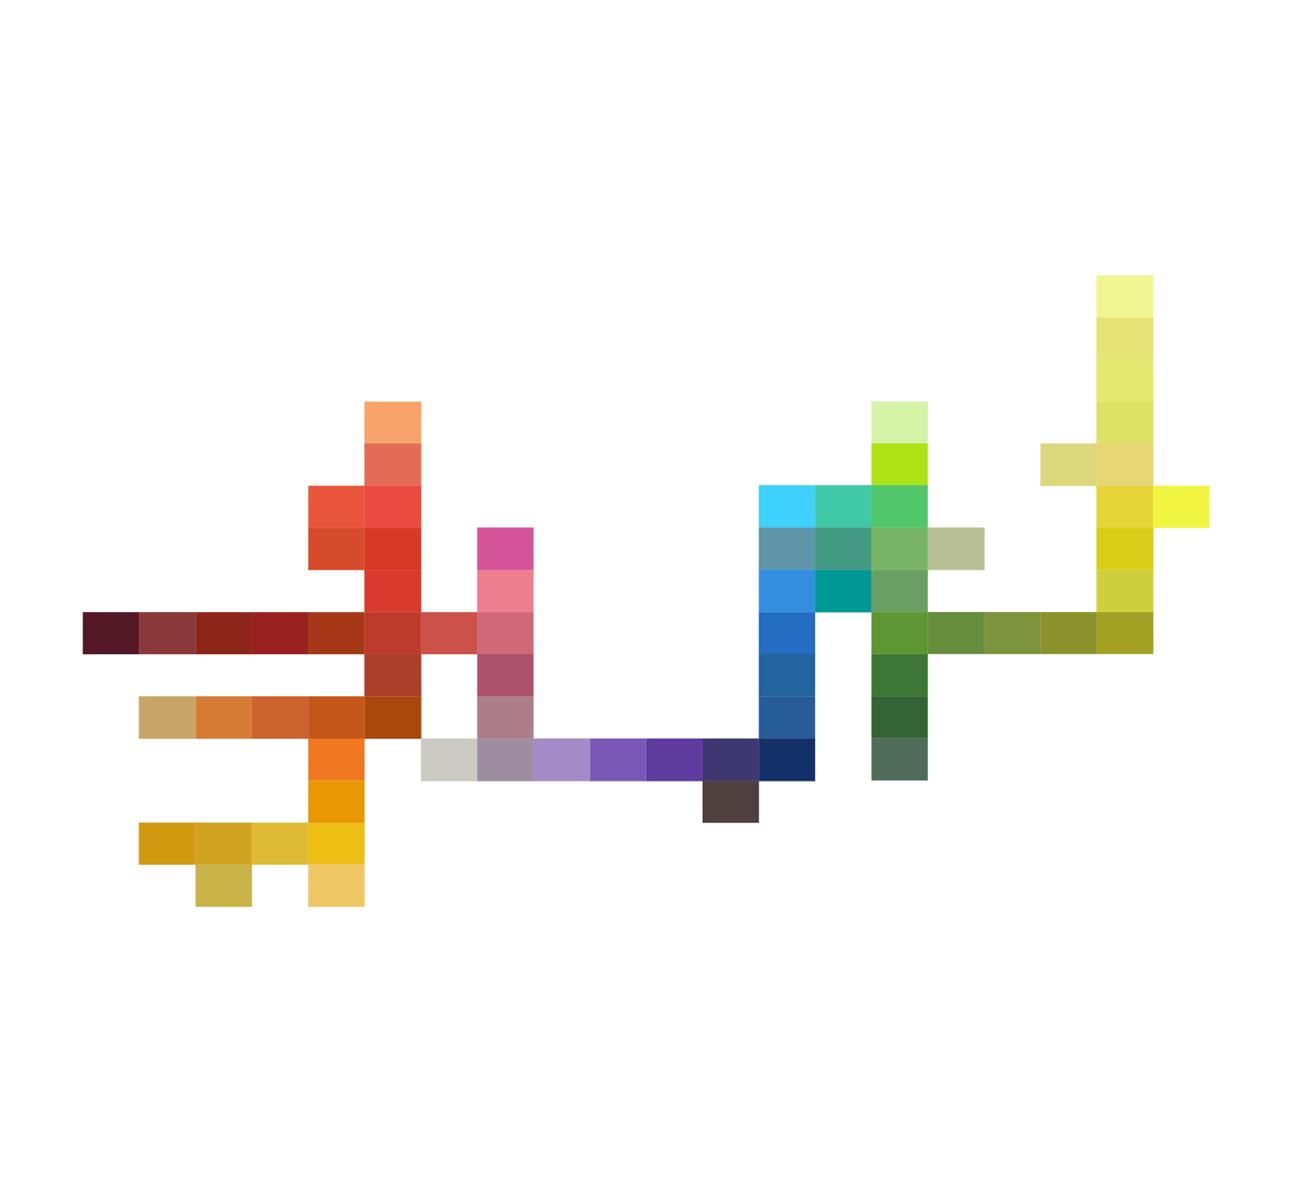 Kleurfiguur van mapping 2.